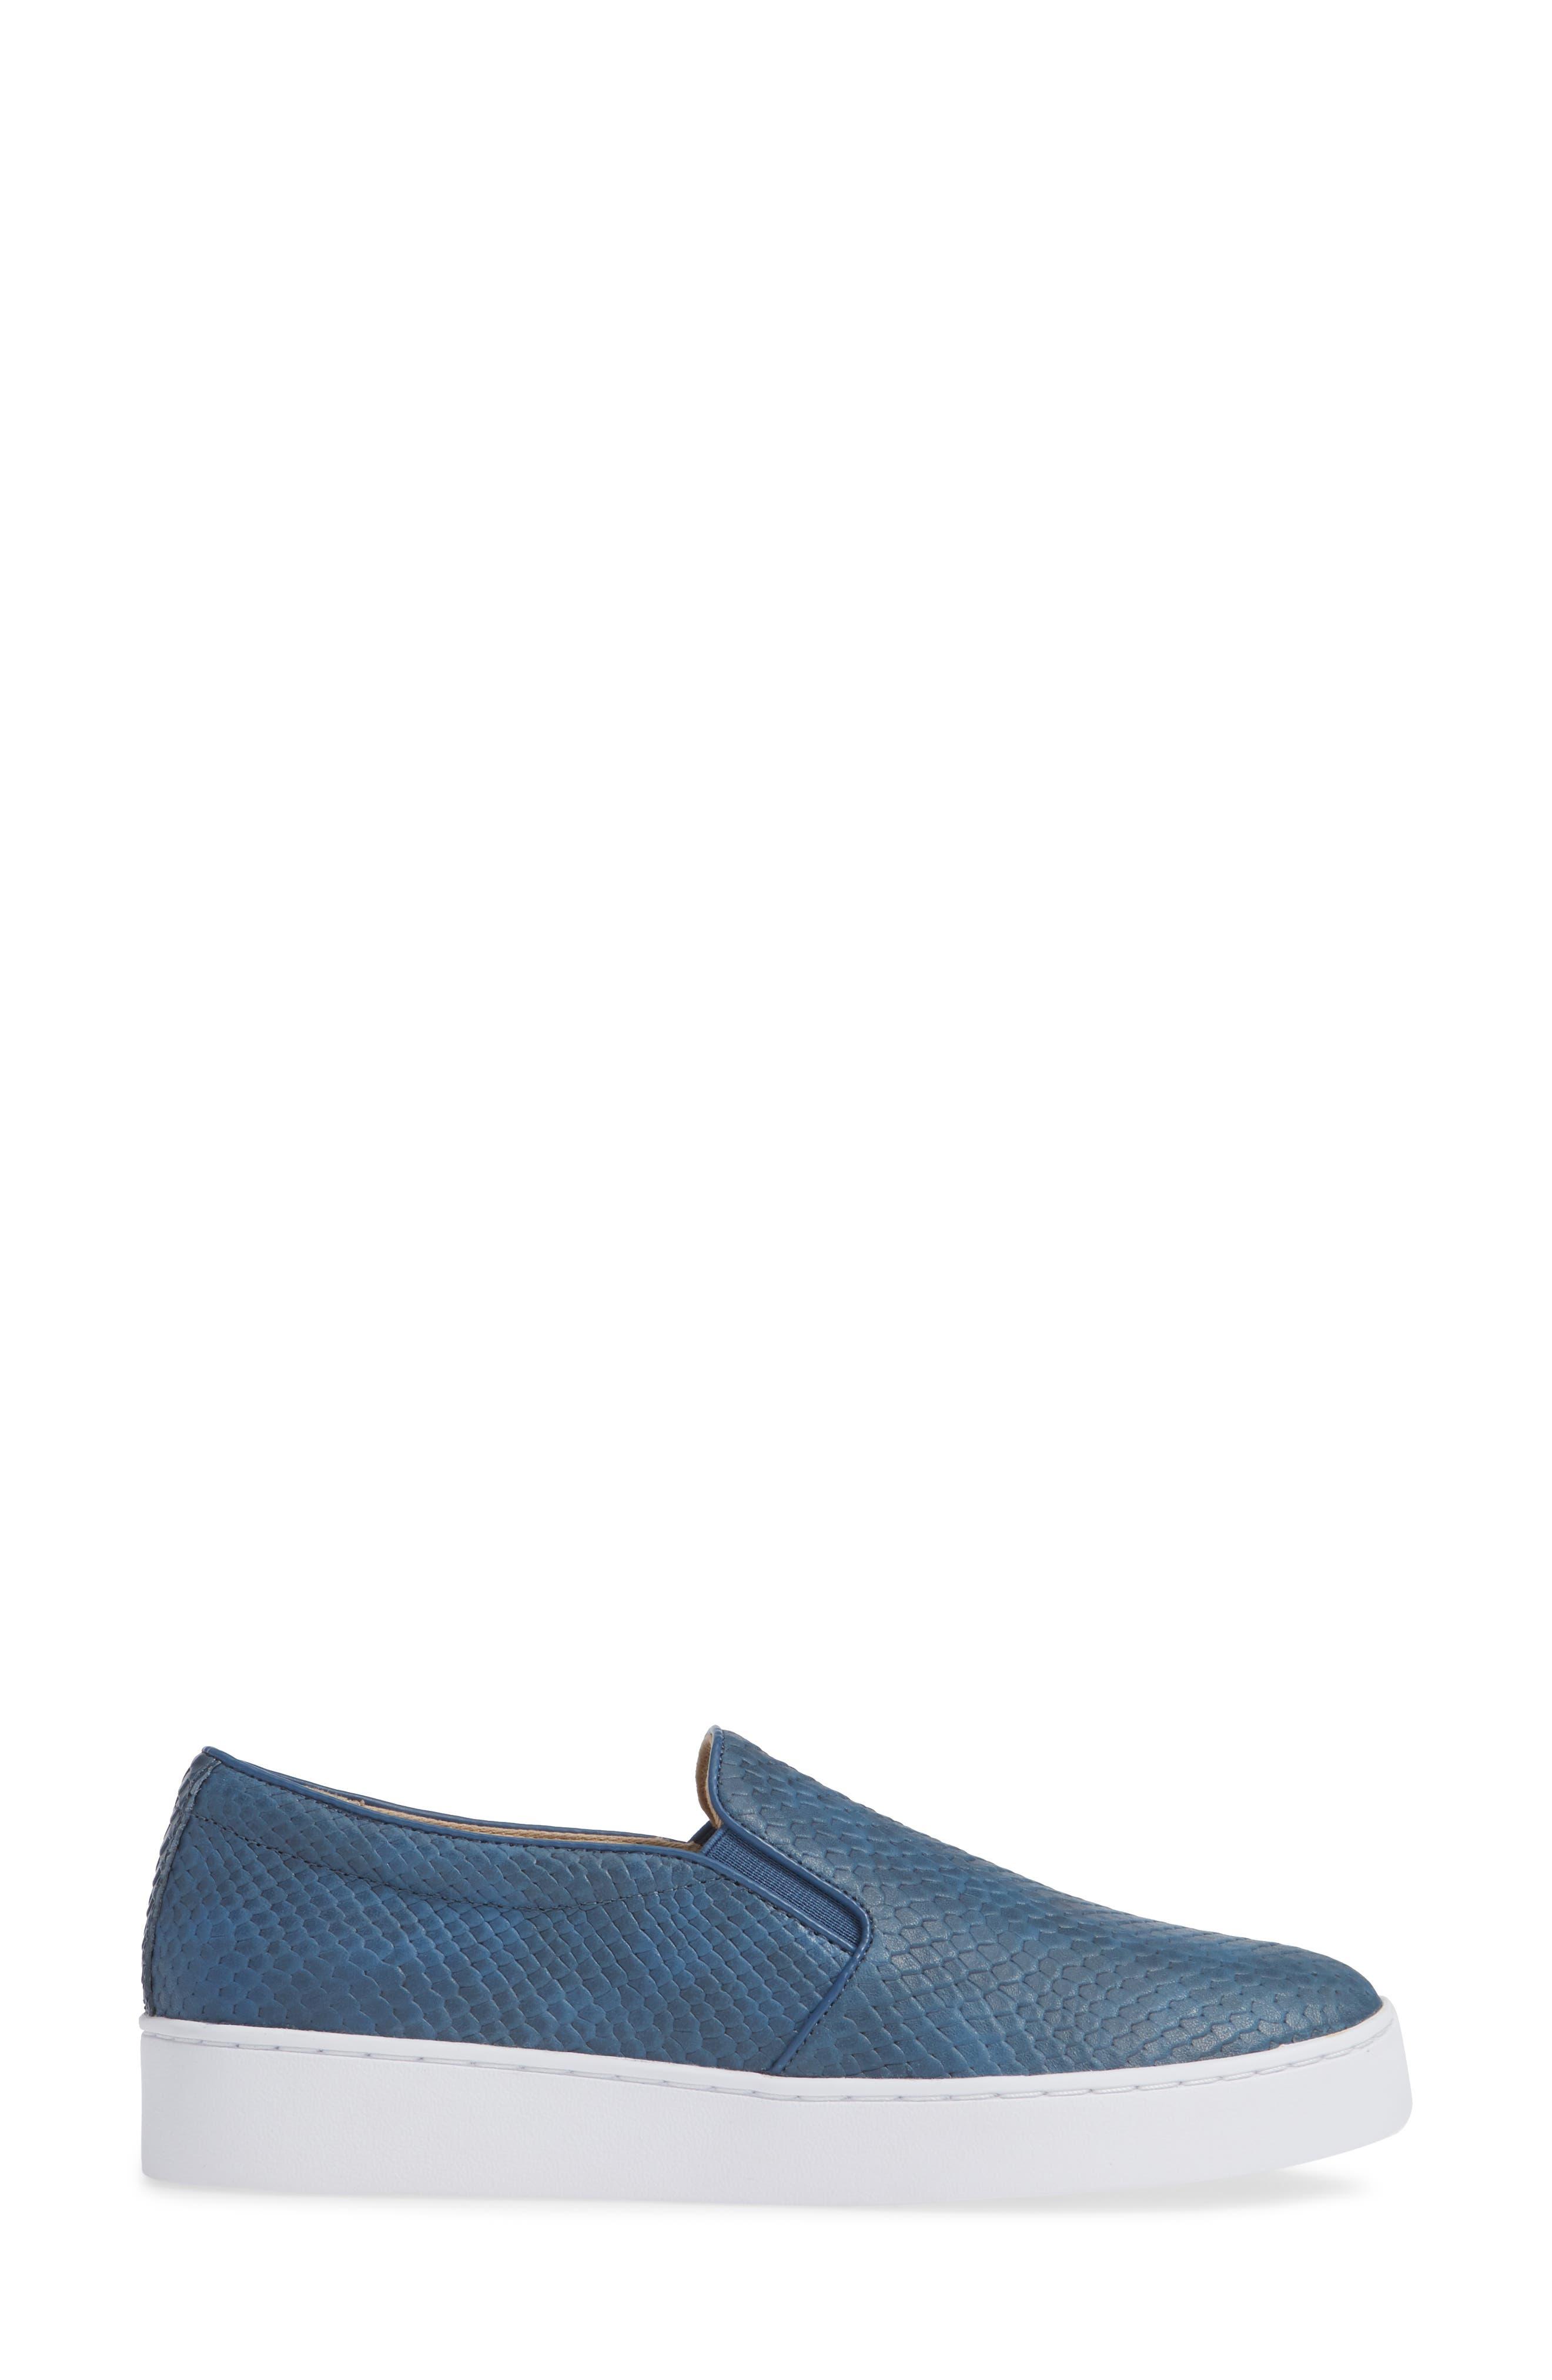 Midiperf Slip-On Shoe,                             Alternate thumbnail 3, color,                             401